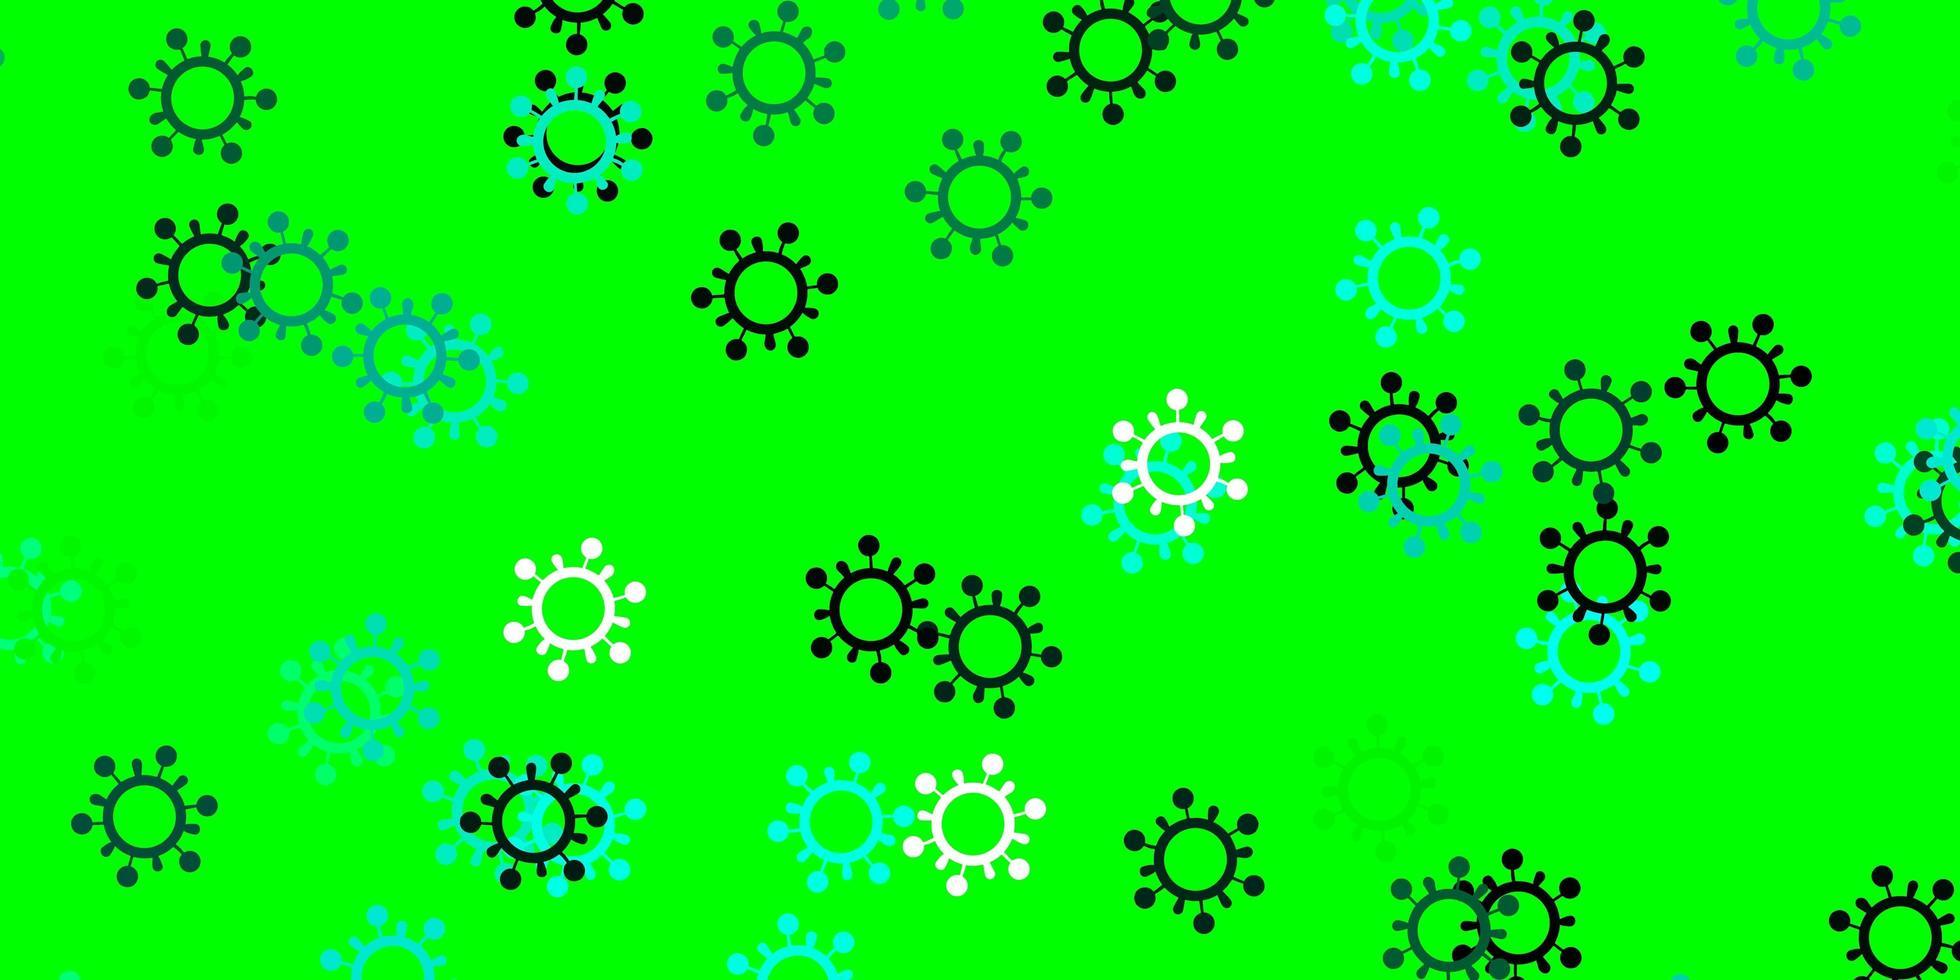 ljusgrönt vektormönster med coronaviruselement vektor